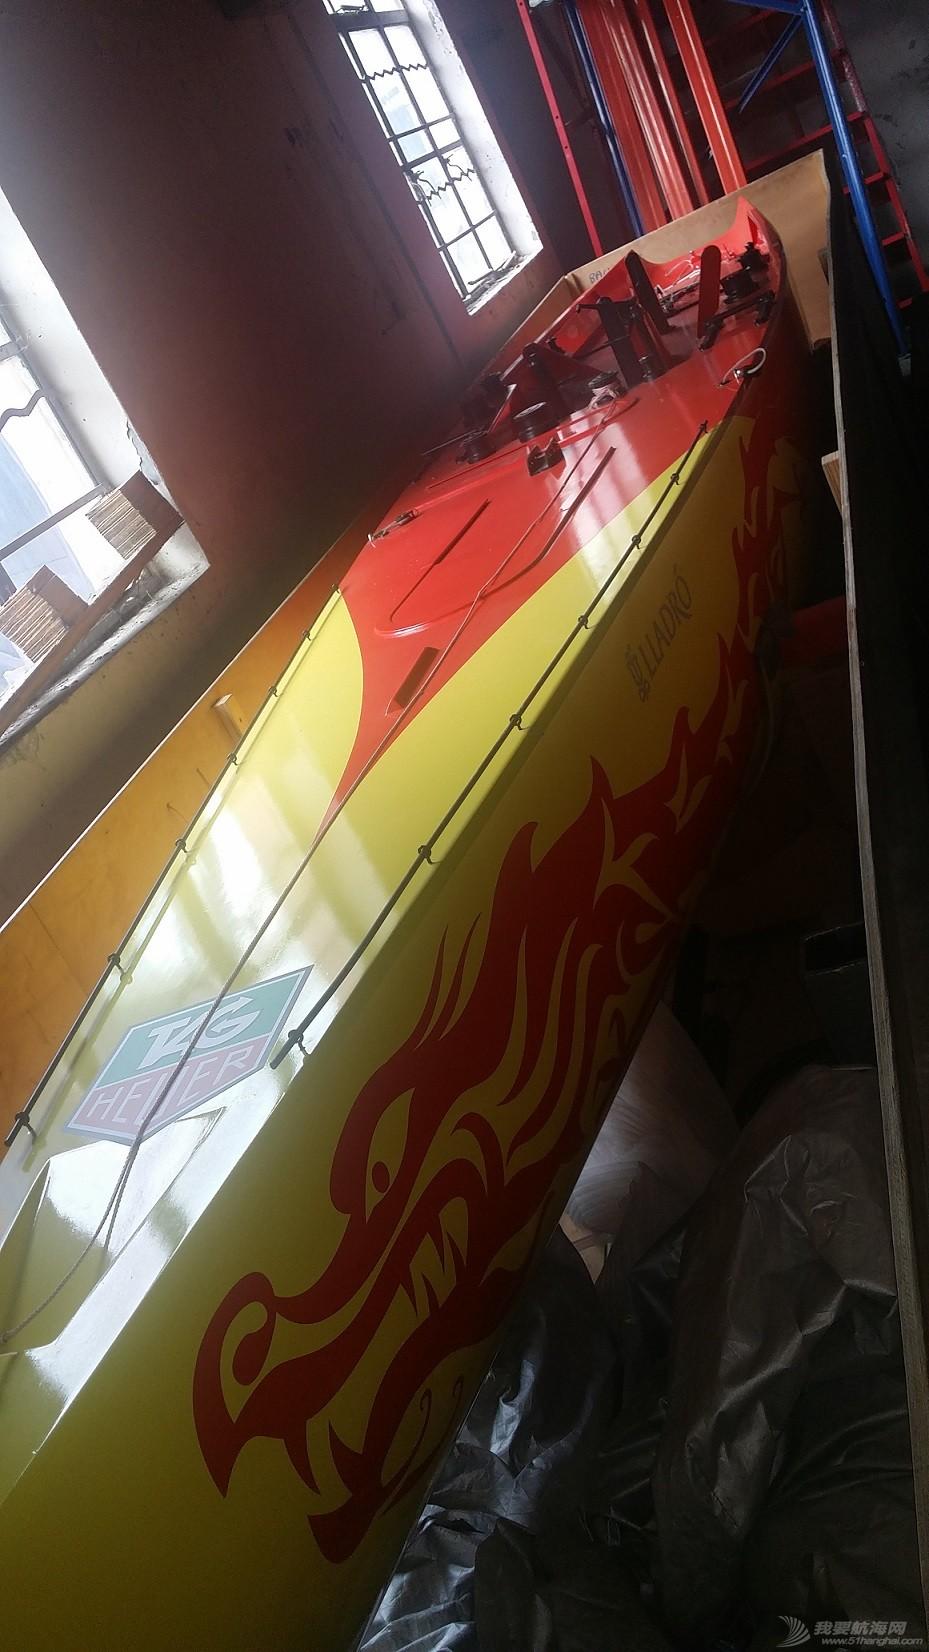 中国,帆船 转让中国之队帆船一艘 中国之队帆船1